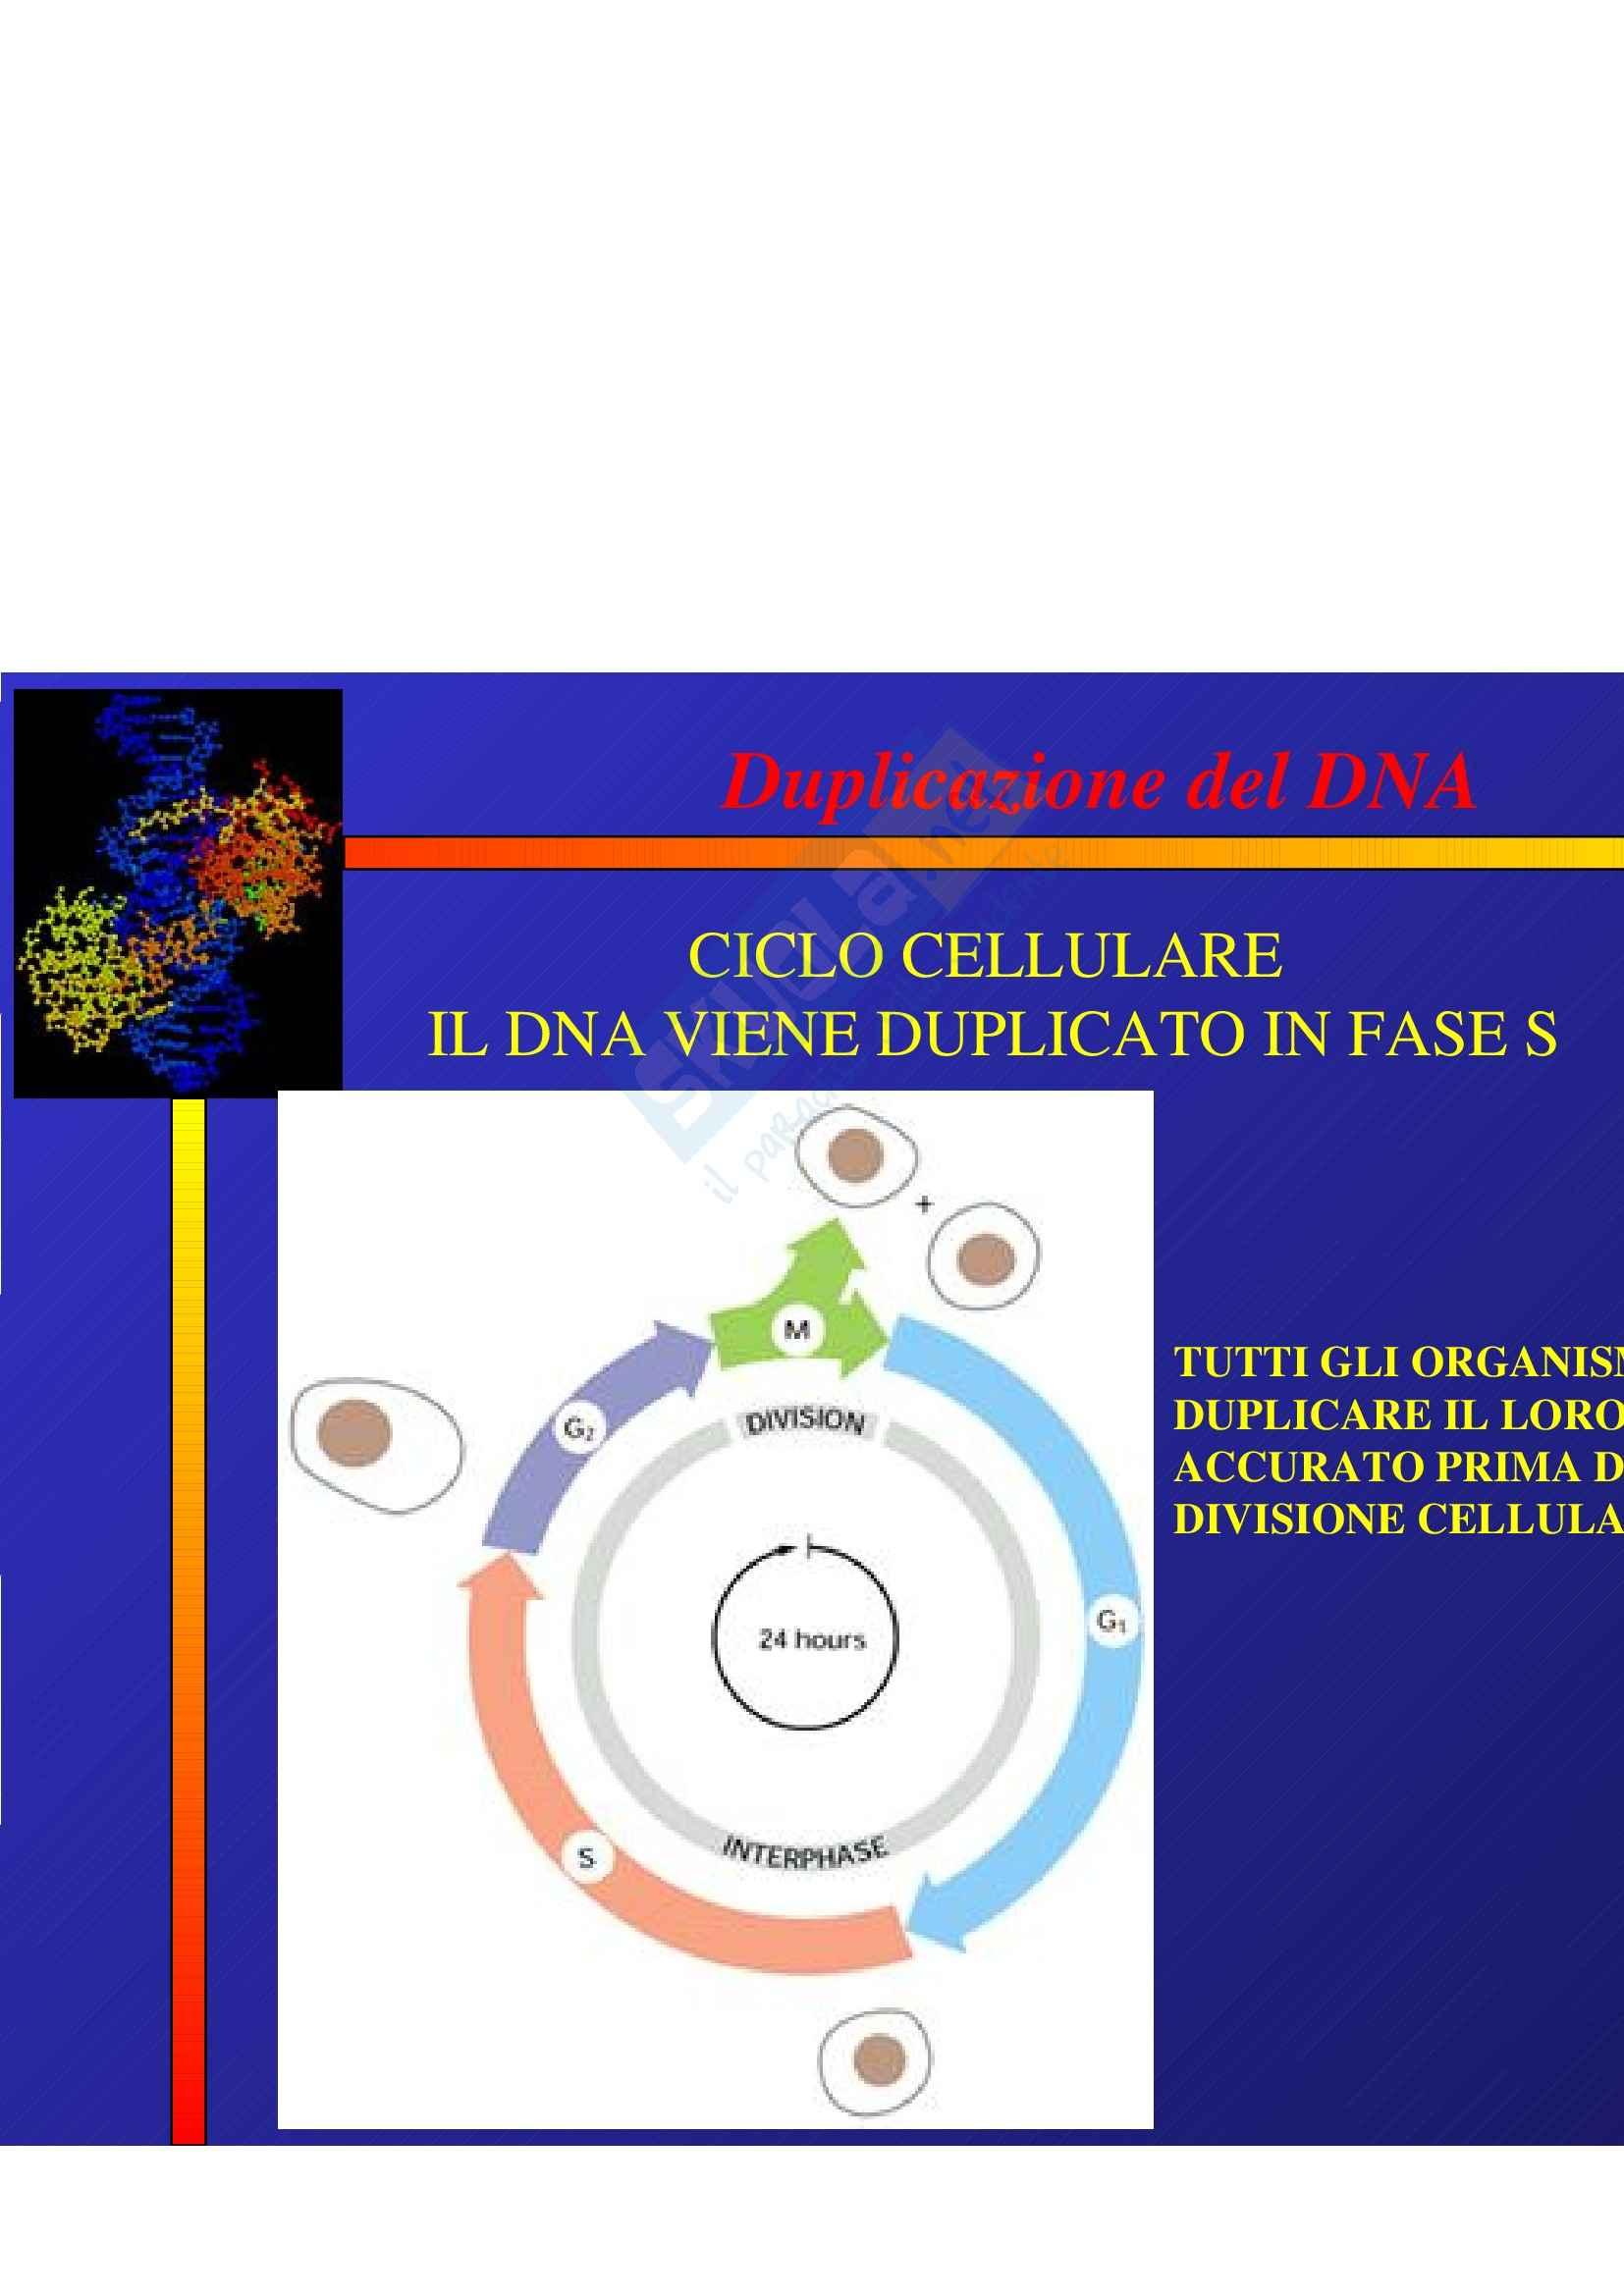 Biologia e genetica - ciclo cellulare